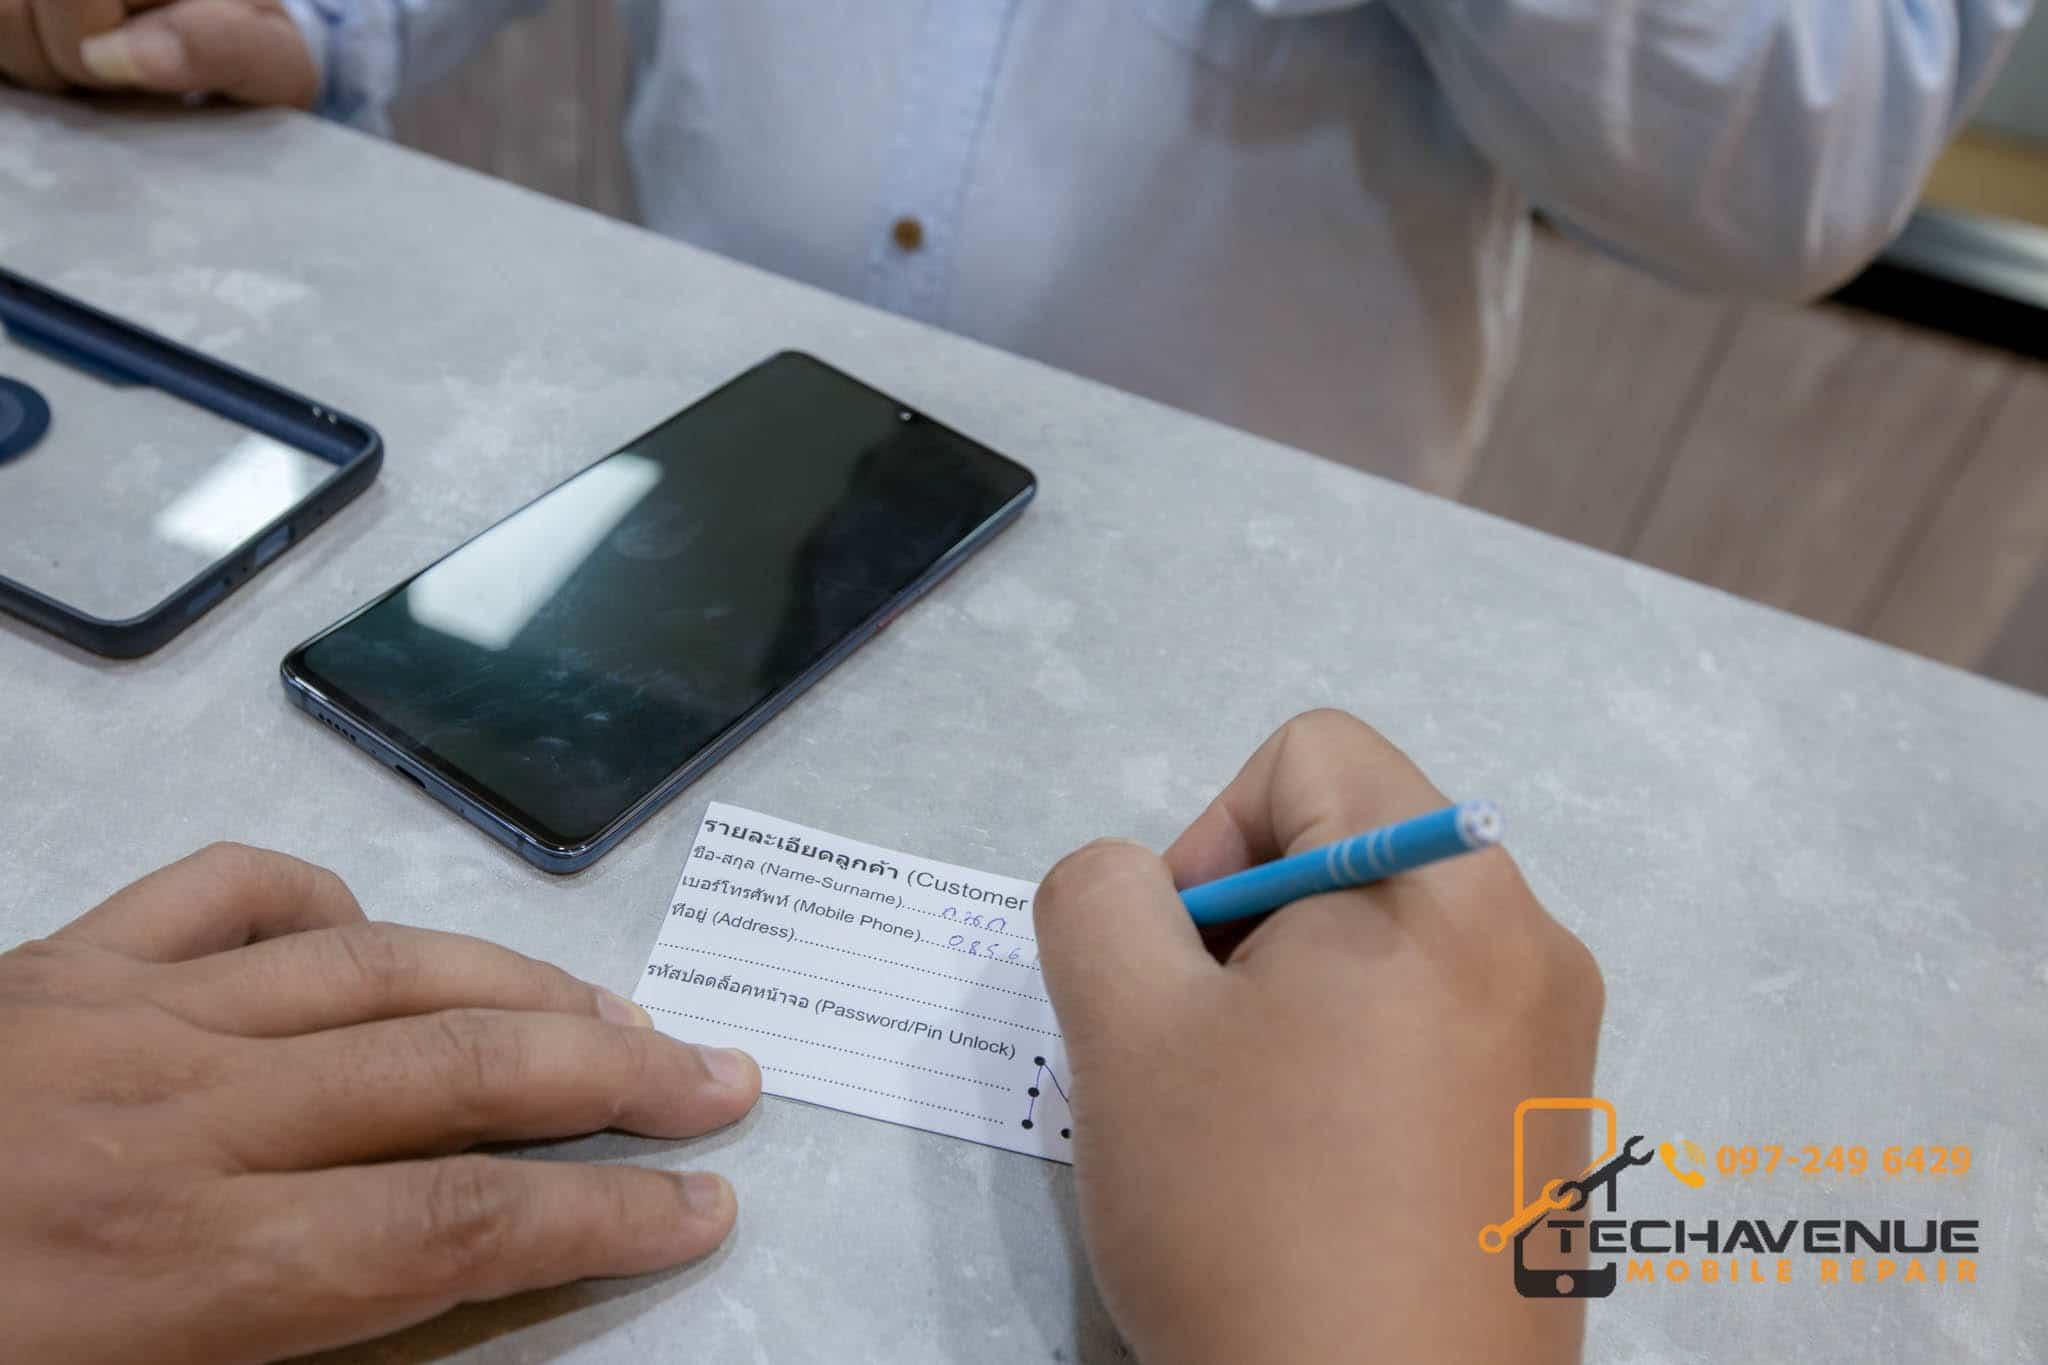 ซ่อมมือถือ Huawei (หัวเว่ย) ฟอร์จูน ร้านไหนดี ของแท้